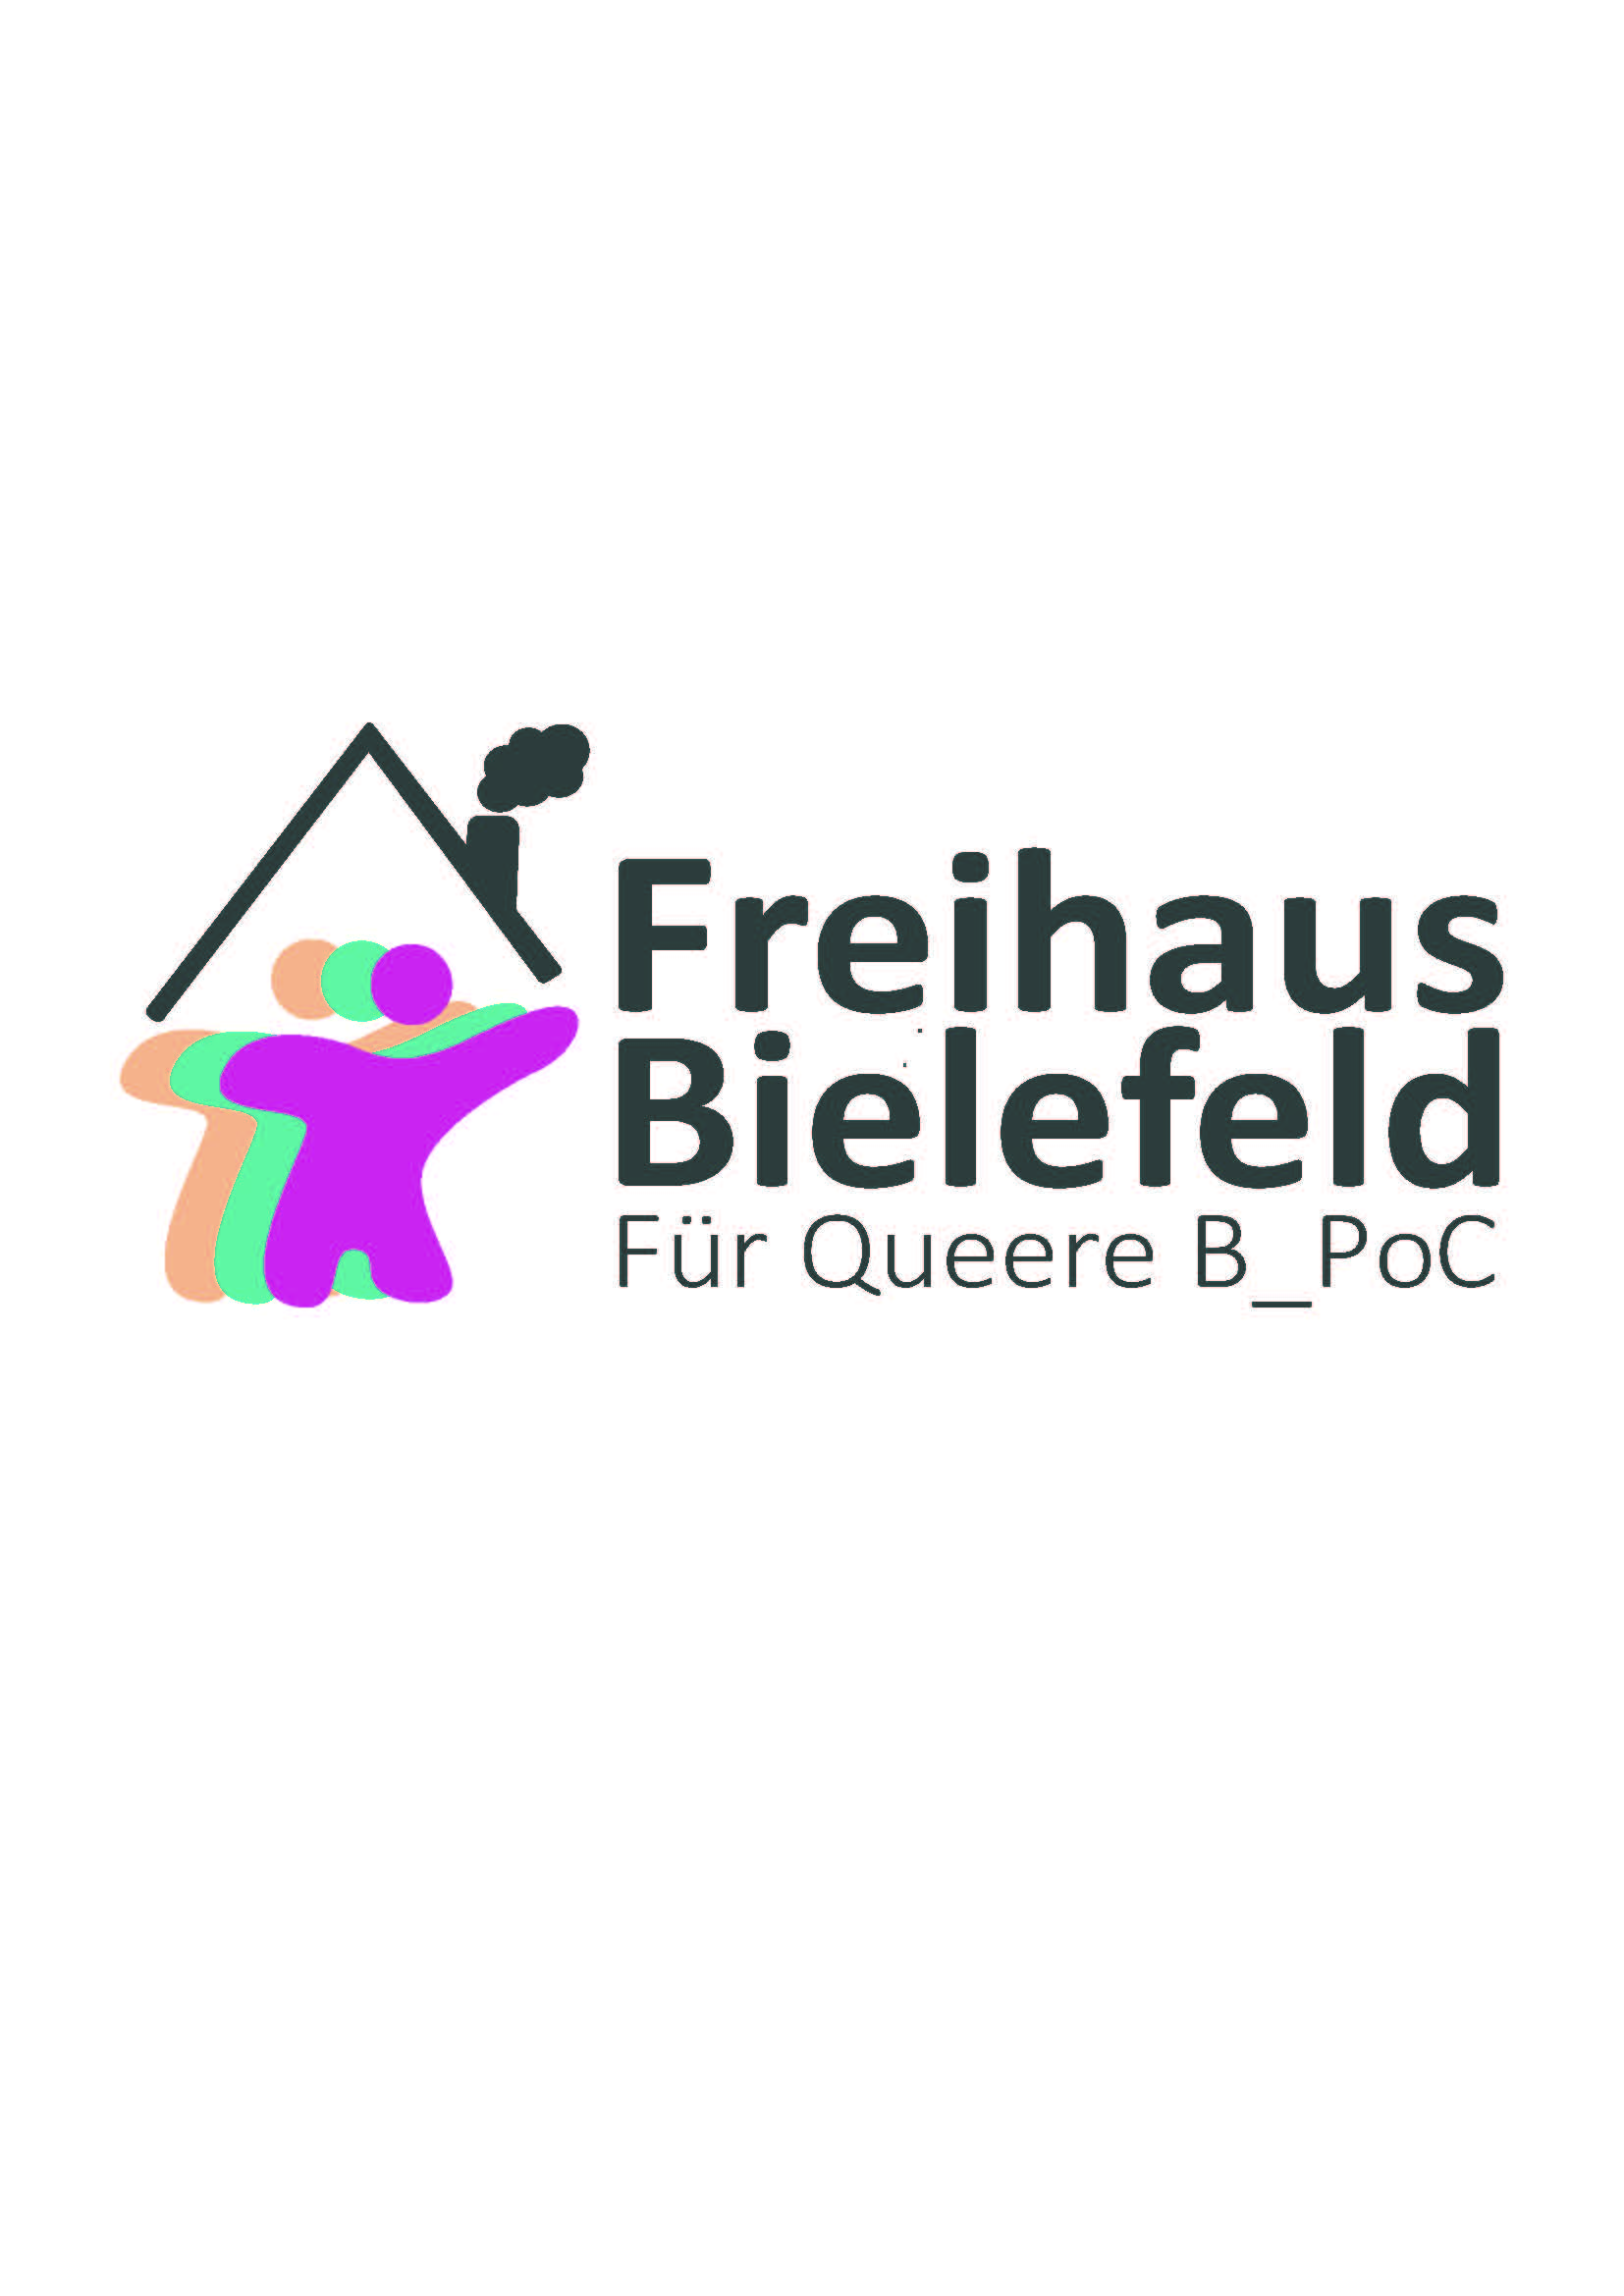 """Das Bild zeigt das Logo von Freihaus Bielefeld es besteht aus einem Hausdach unter dem mehre Figuren in unterschiedlichen Farben stehen. Daneben steht der Schriftzug """"Freihaus Bielfeld - für Queere B_poc"""""""